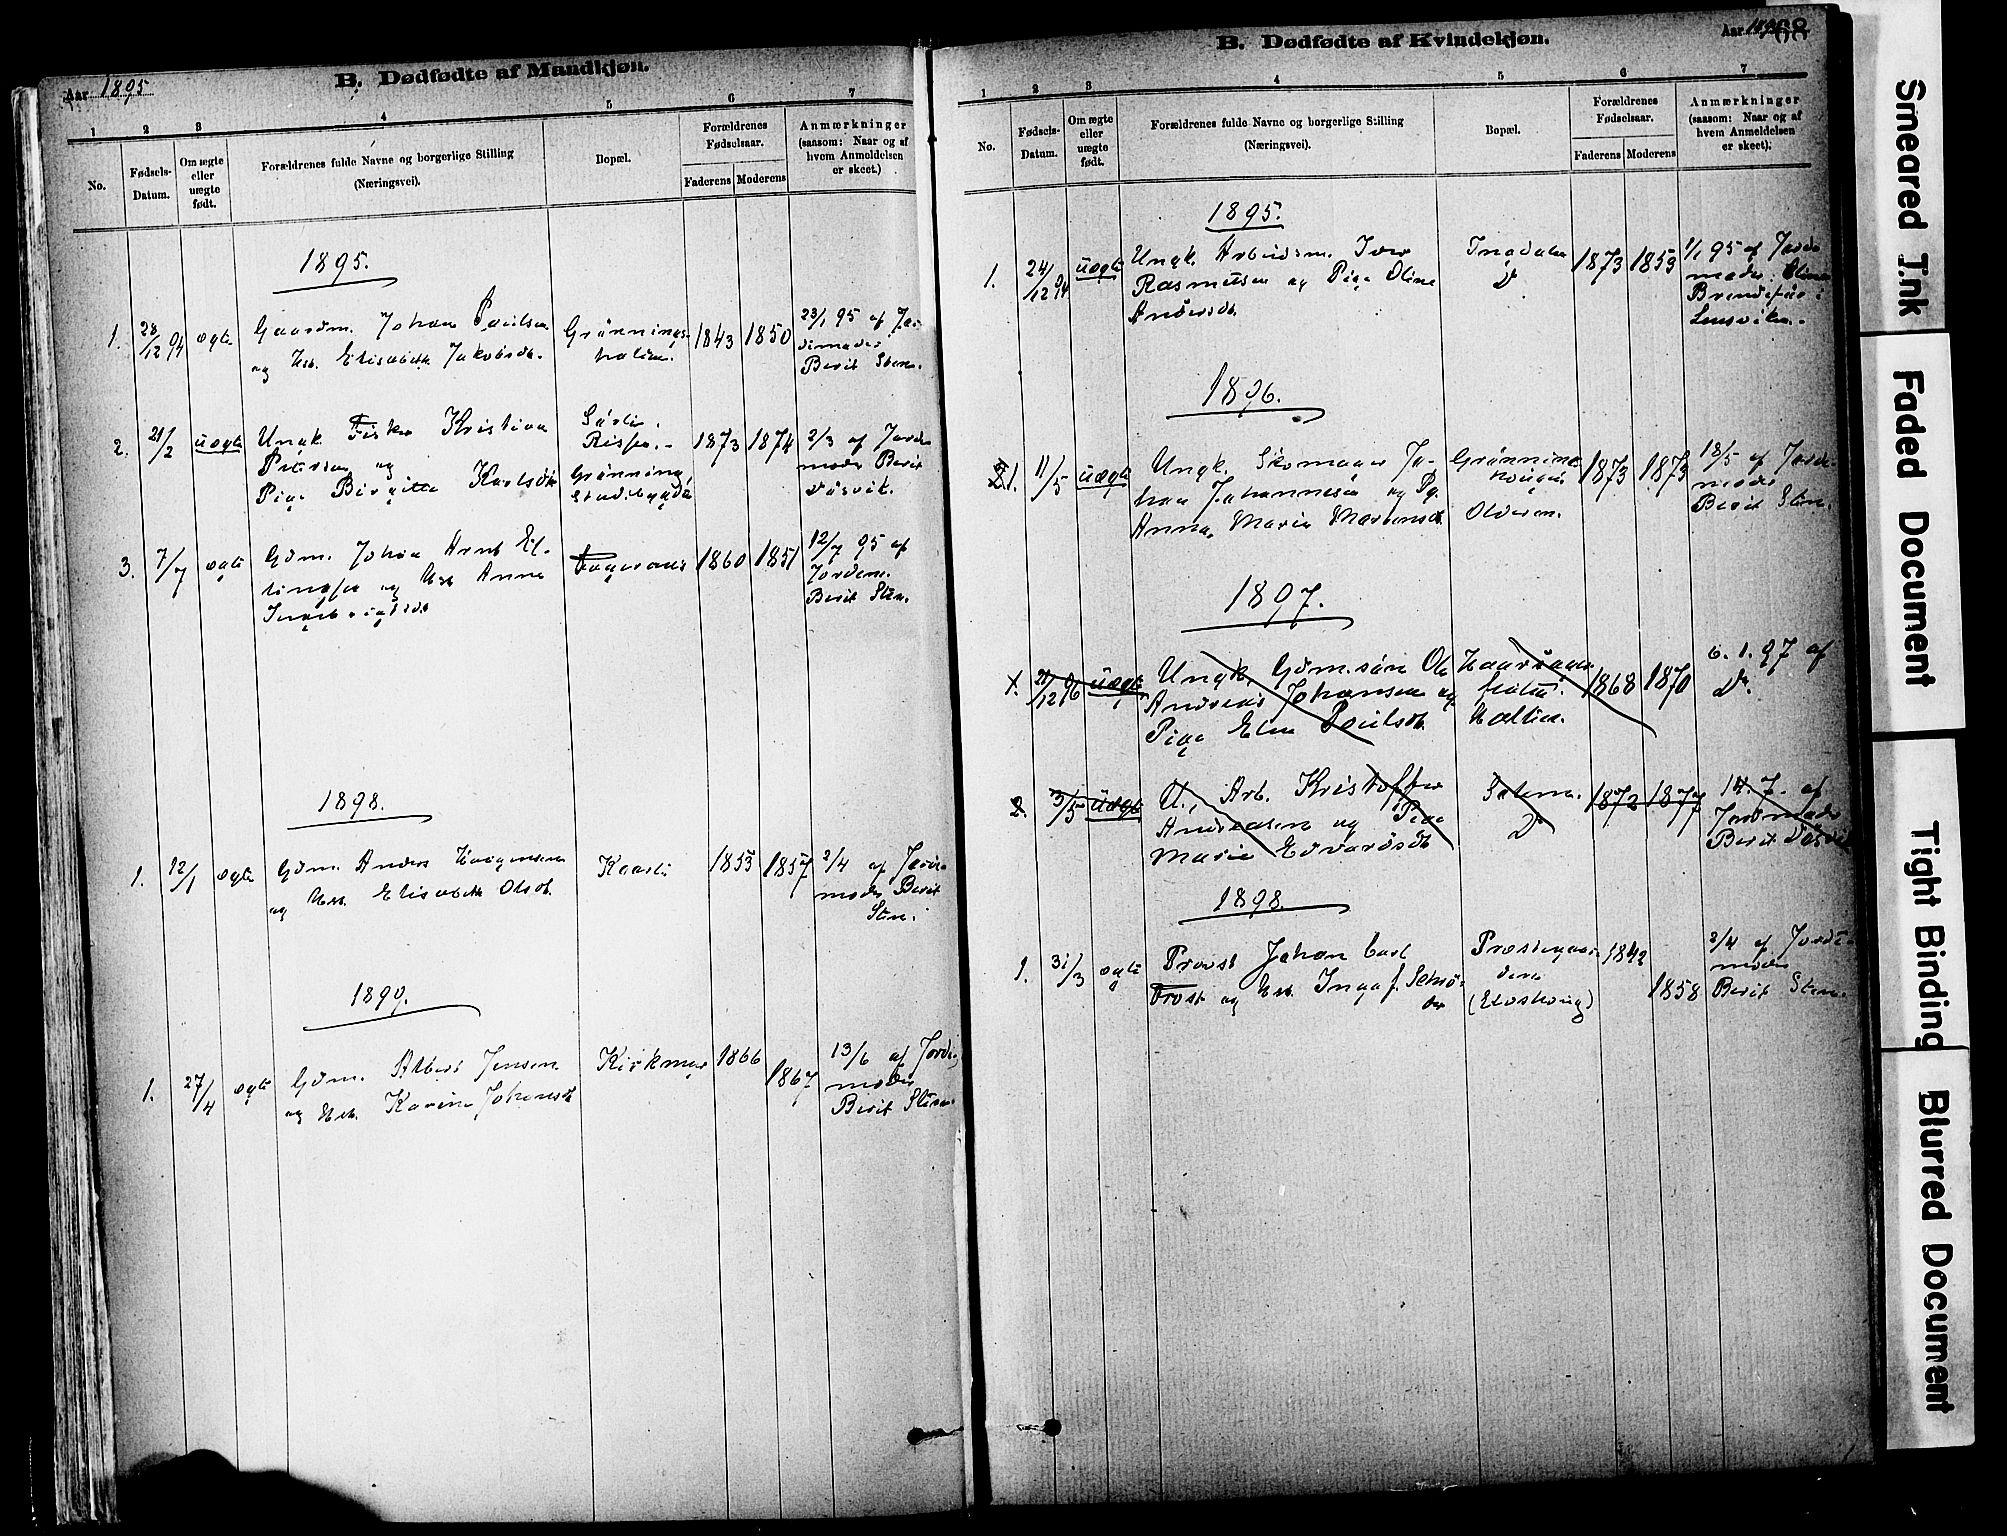 SAT, Ministerialprotokoller, klokkerbøker og fødselsregistre - Sør-Trøndelag, 646/L0615: Ministerialbok nr. 646A13, 1885-1900, s. 68